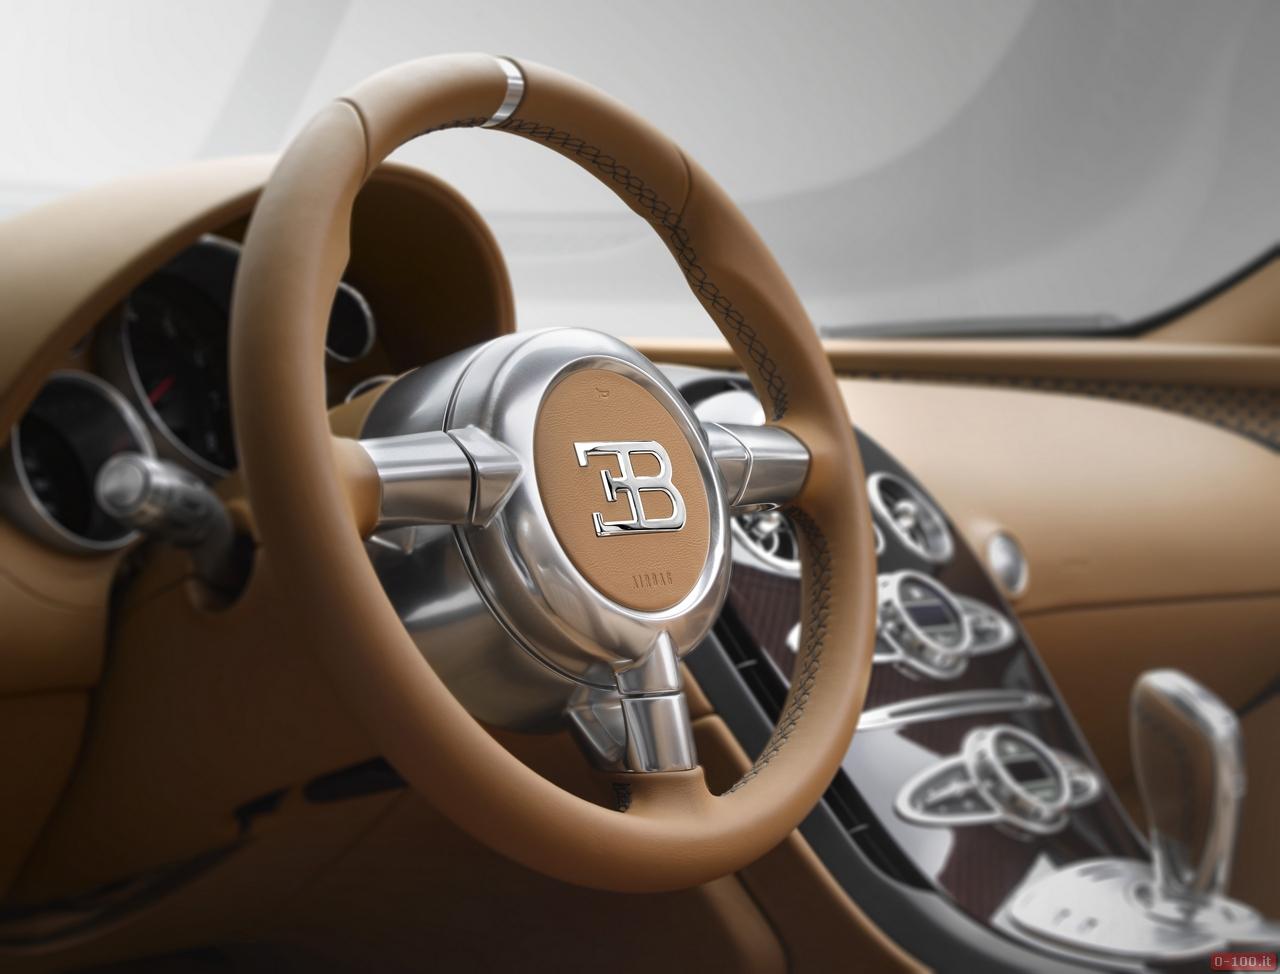 salone-di-ginevra-2014-bugatti-veyron-16-4-grand-sport-vitesse-rembrandt-les-legendes-de-bugatti-prezzo-price_0-10010